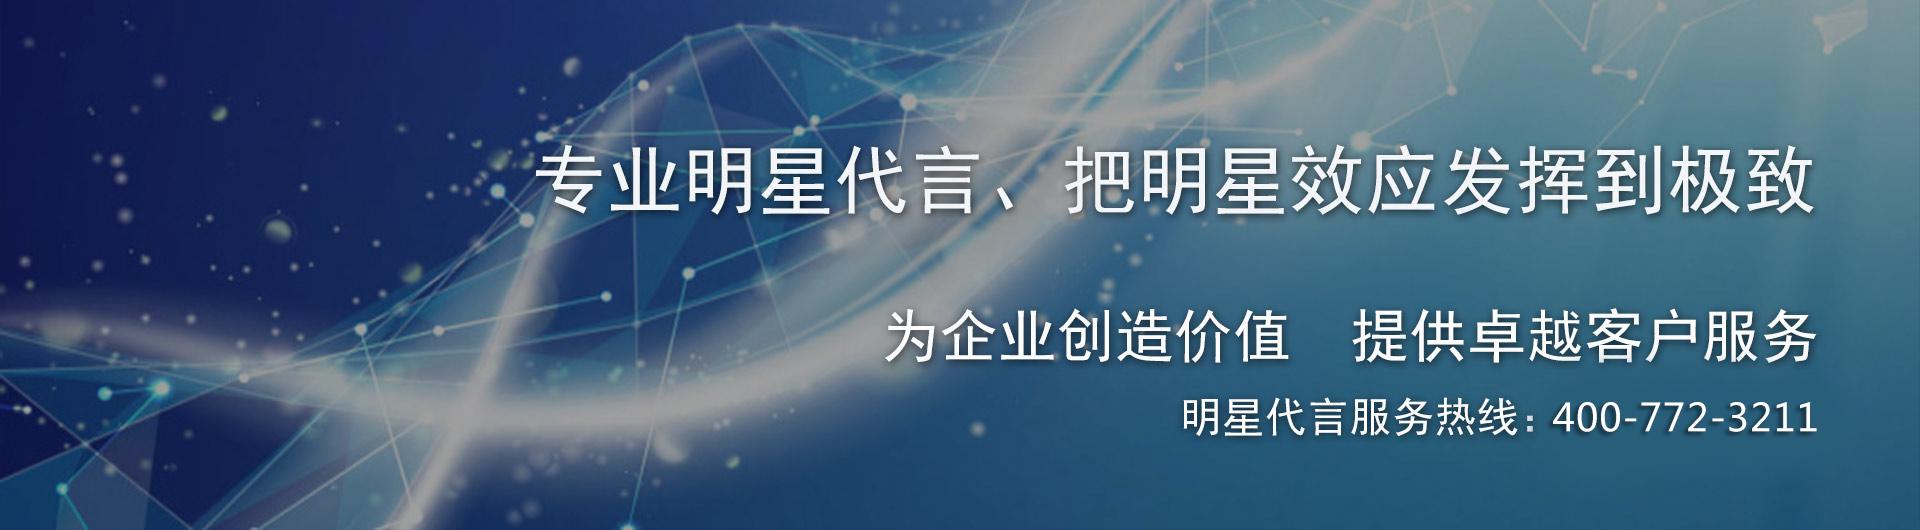 上海珍娱明星代言公司